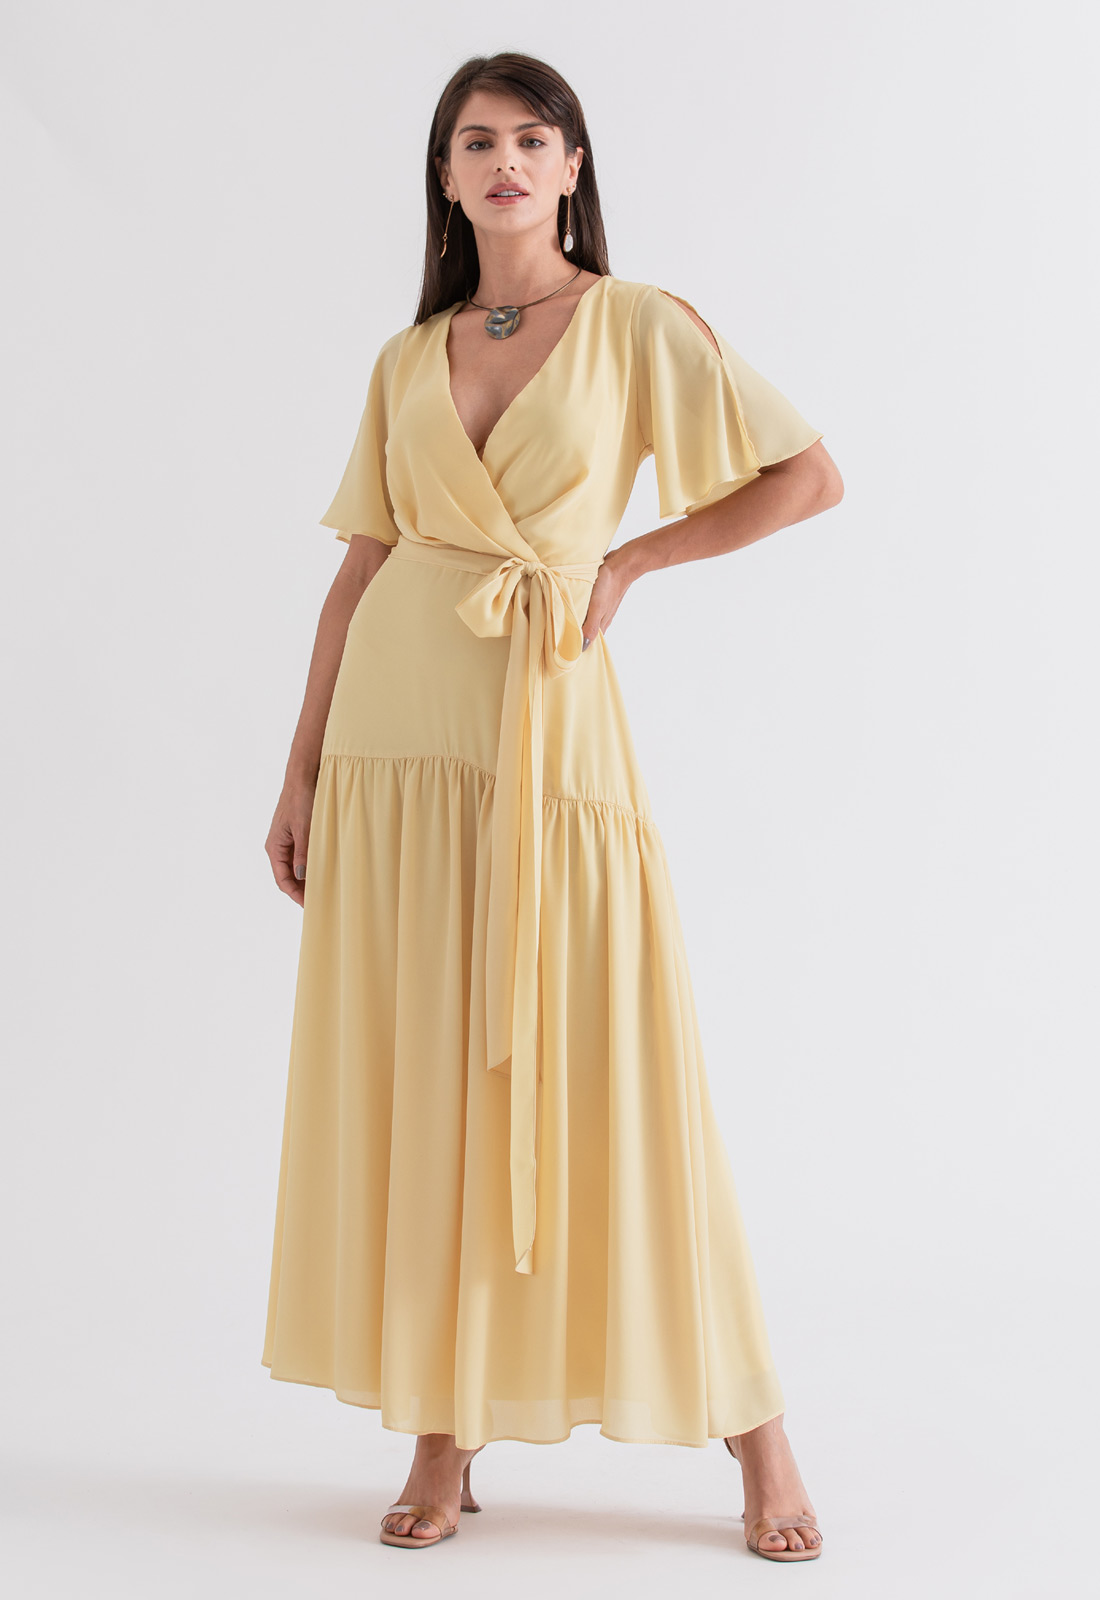 Vestido de festa maxi amarelo ref. 2695